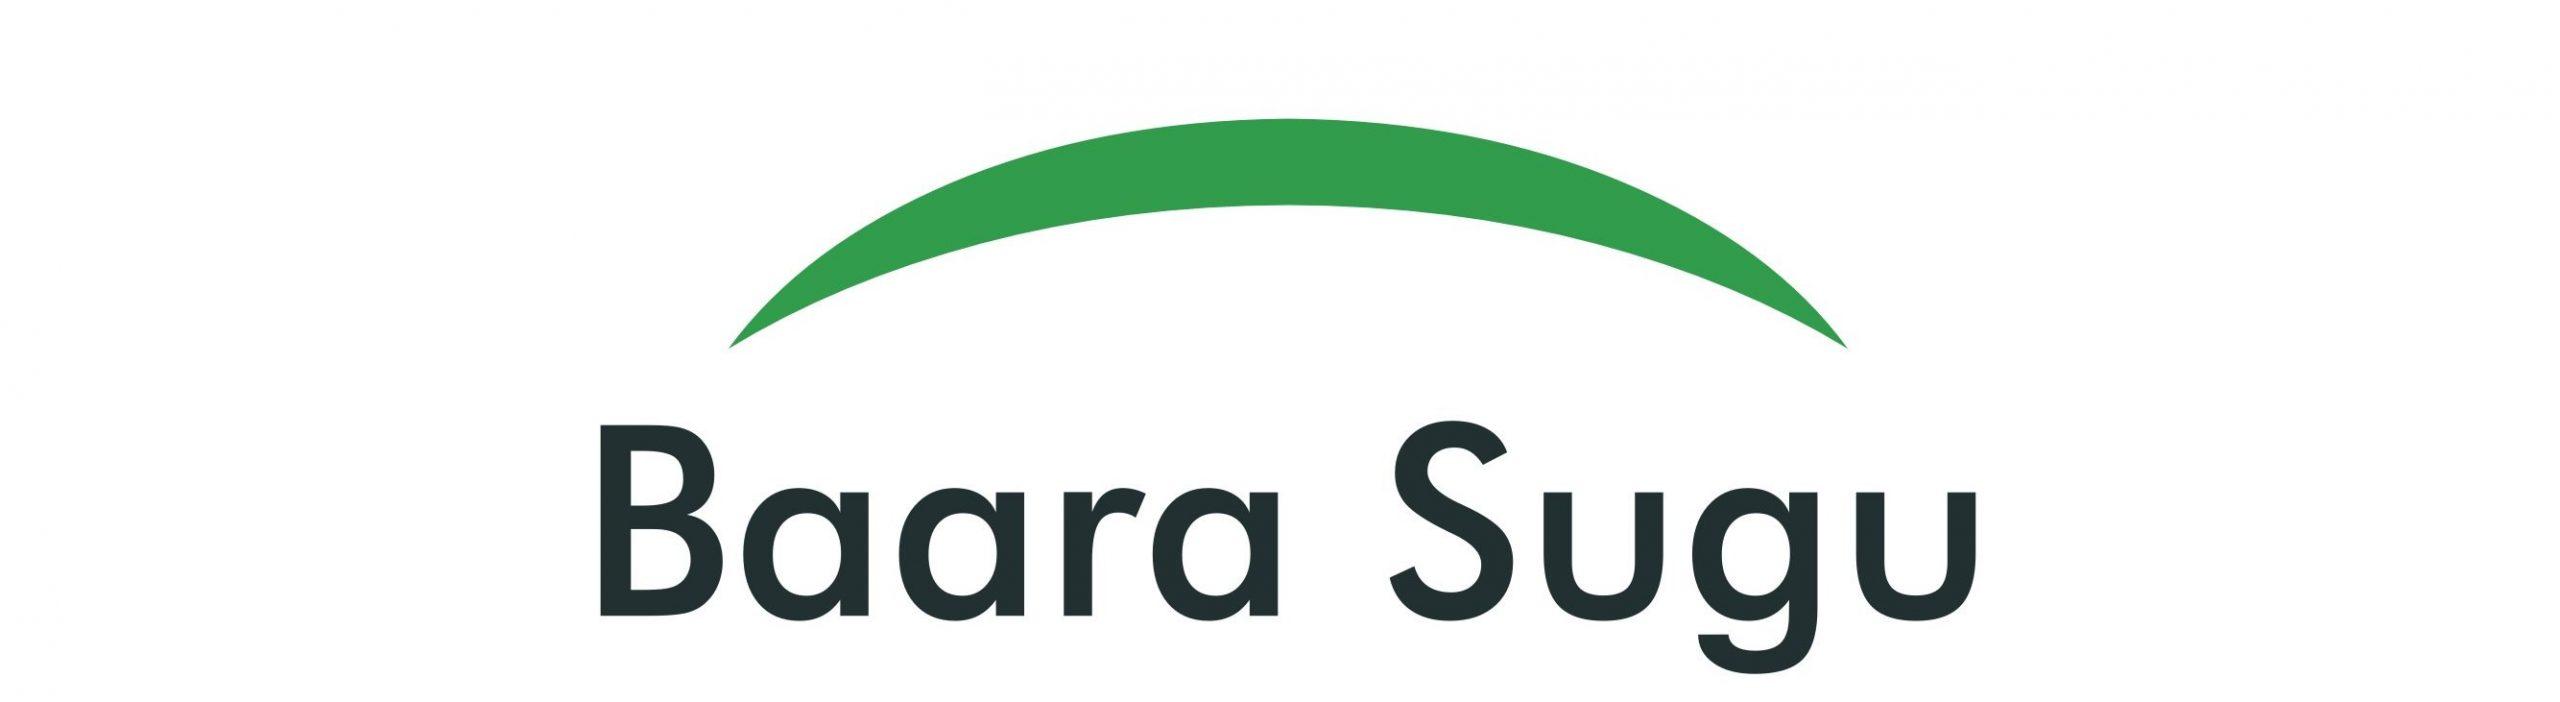 Baara Sugu